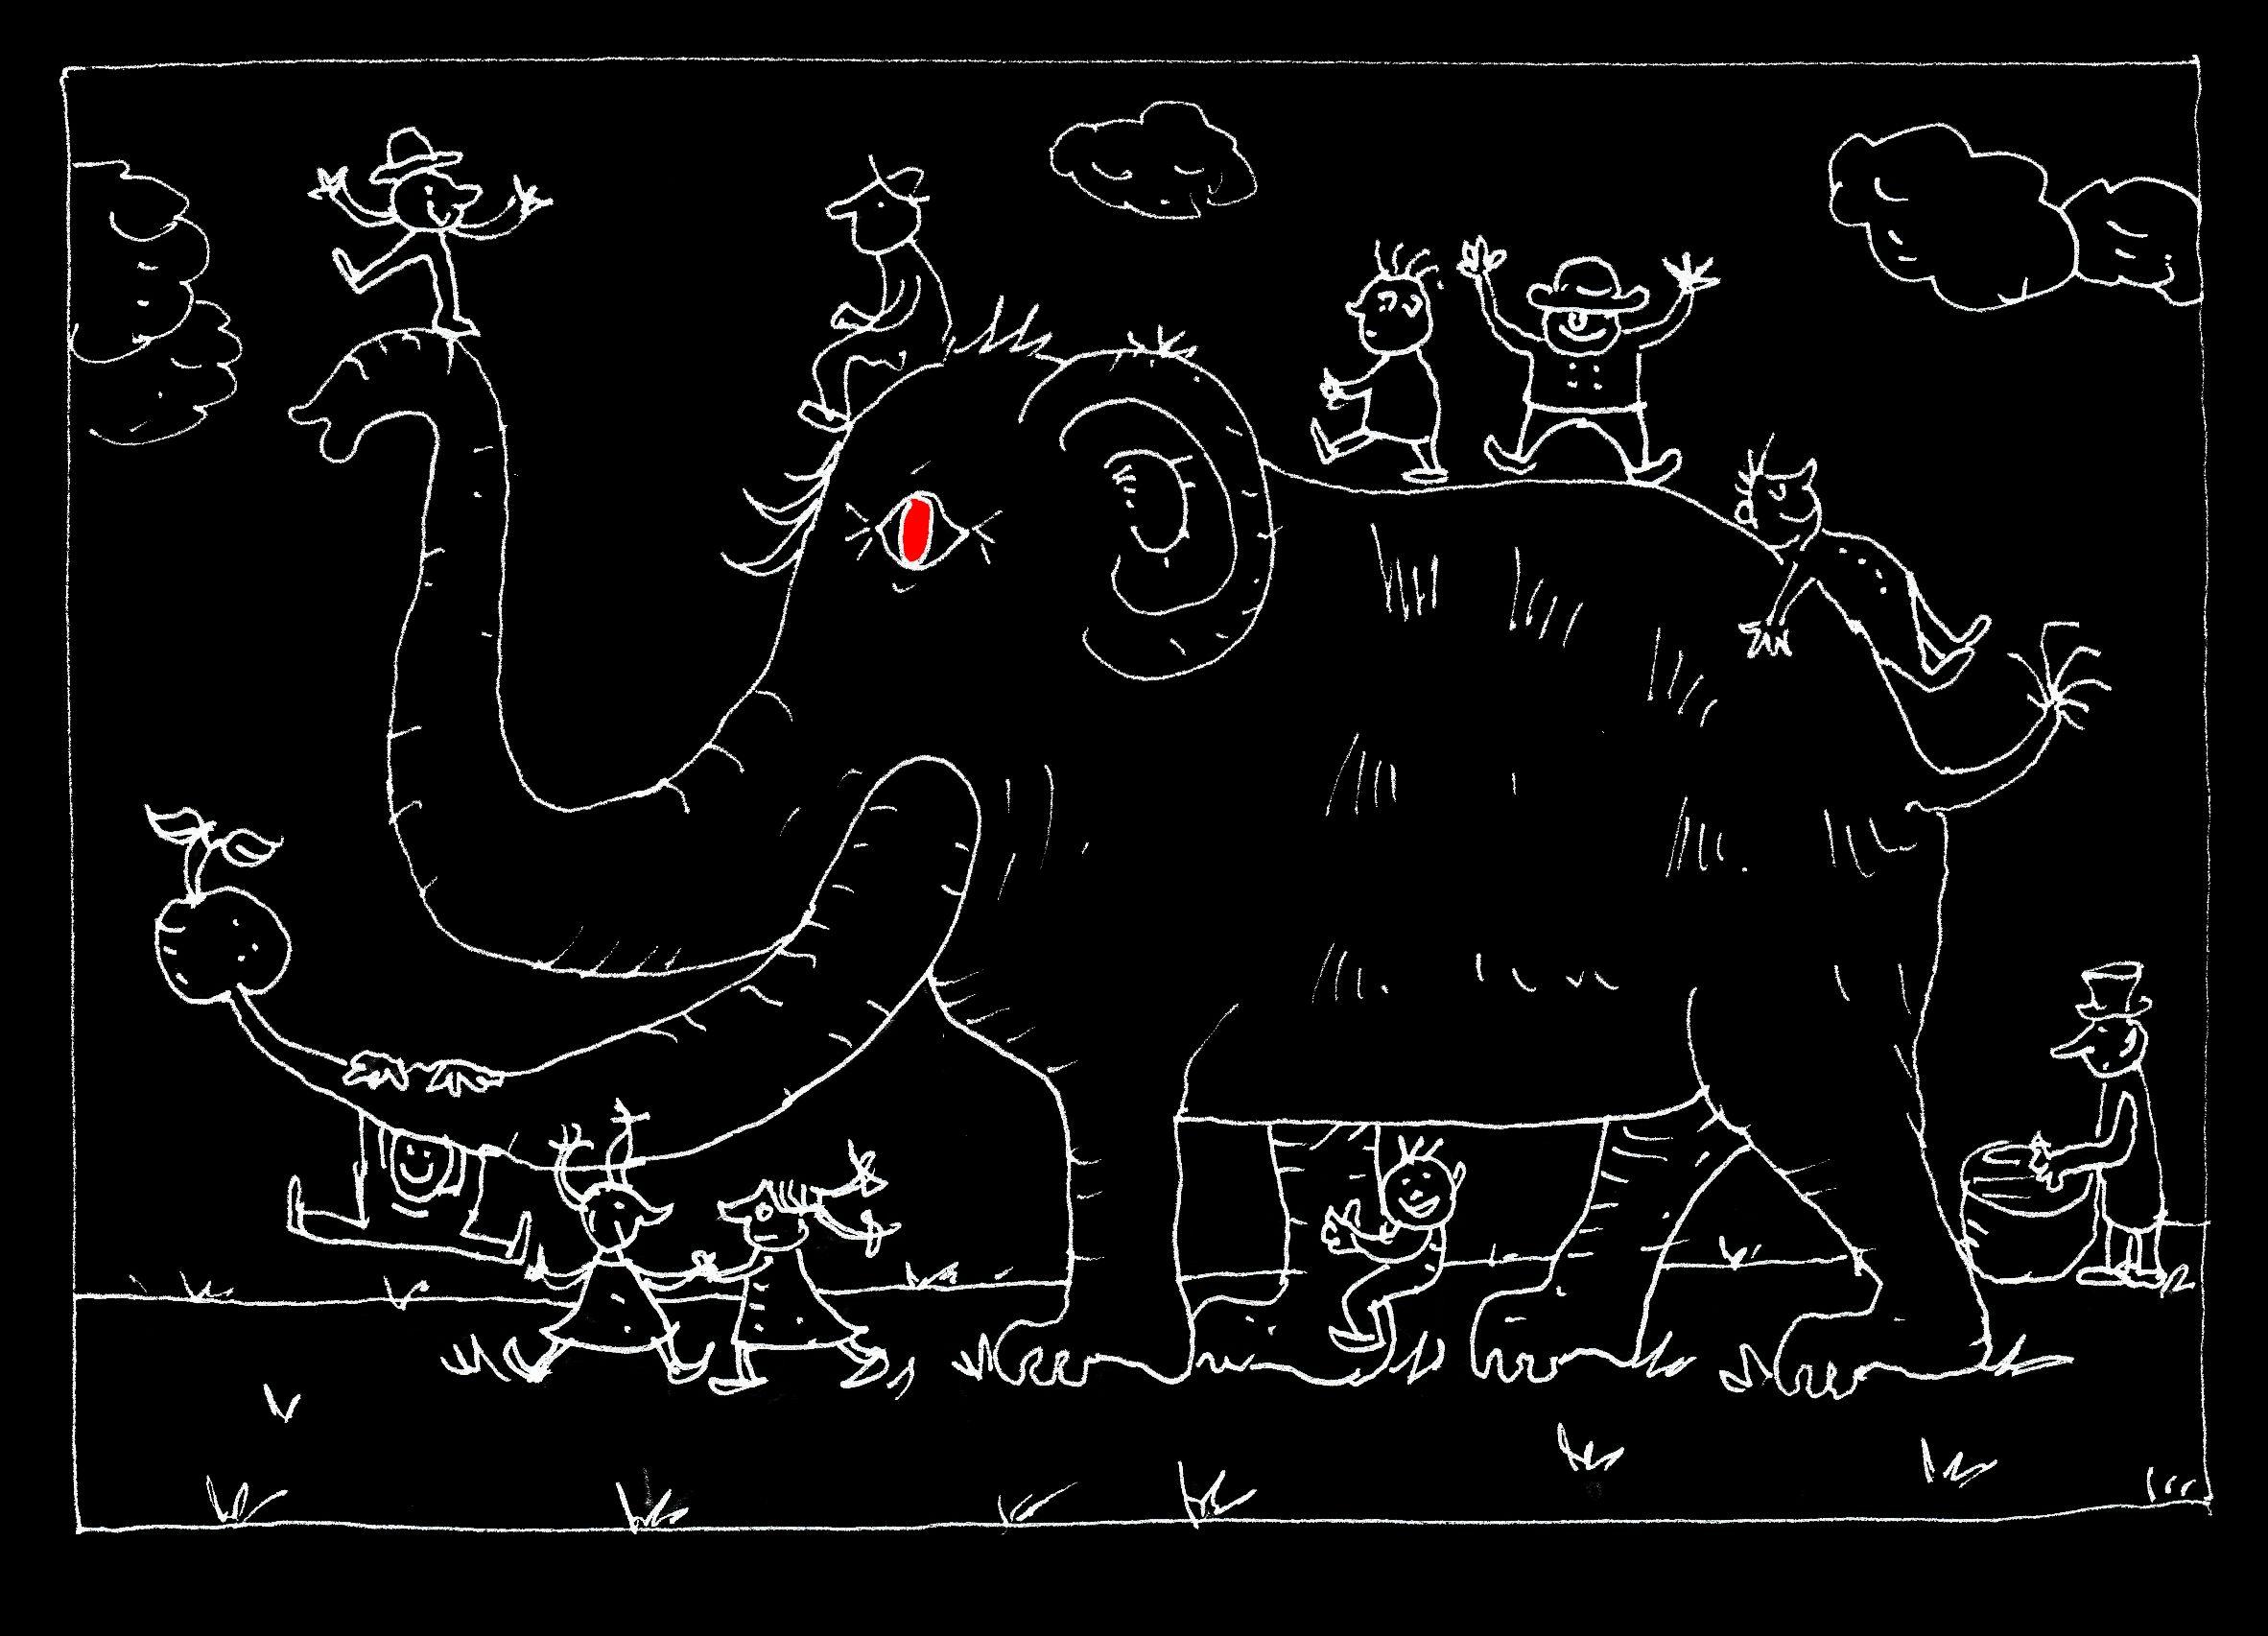 X Sch4 Das lebende Mastodon